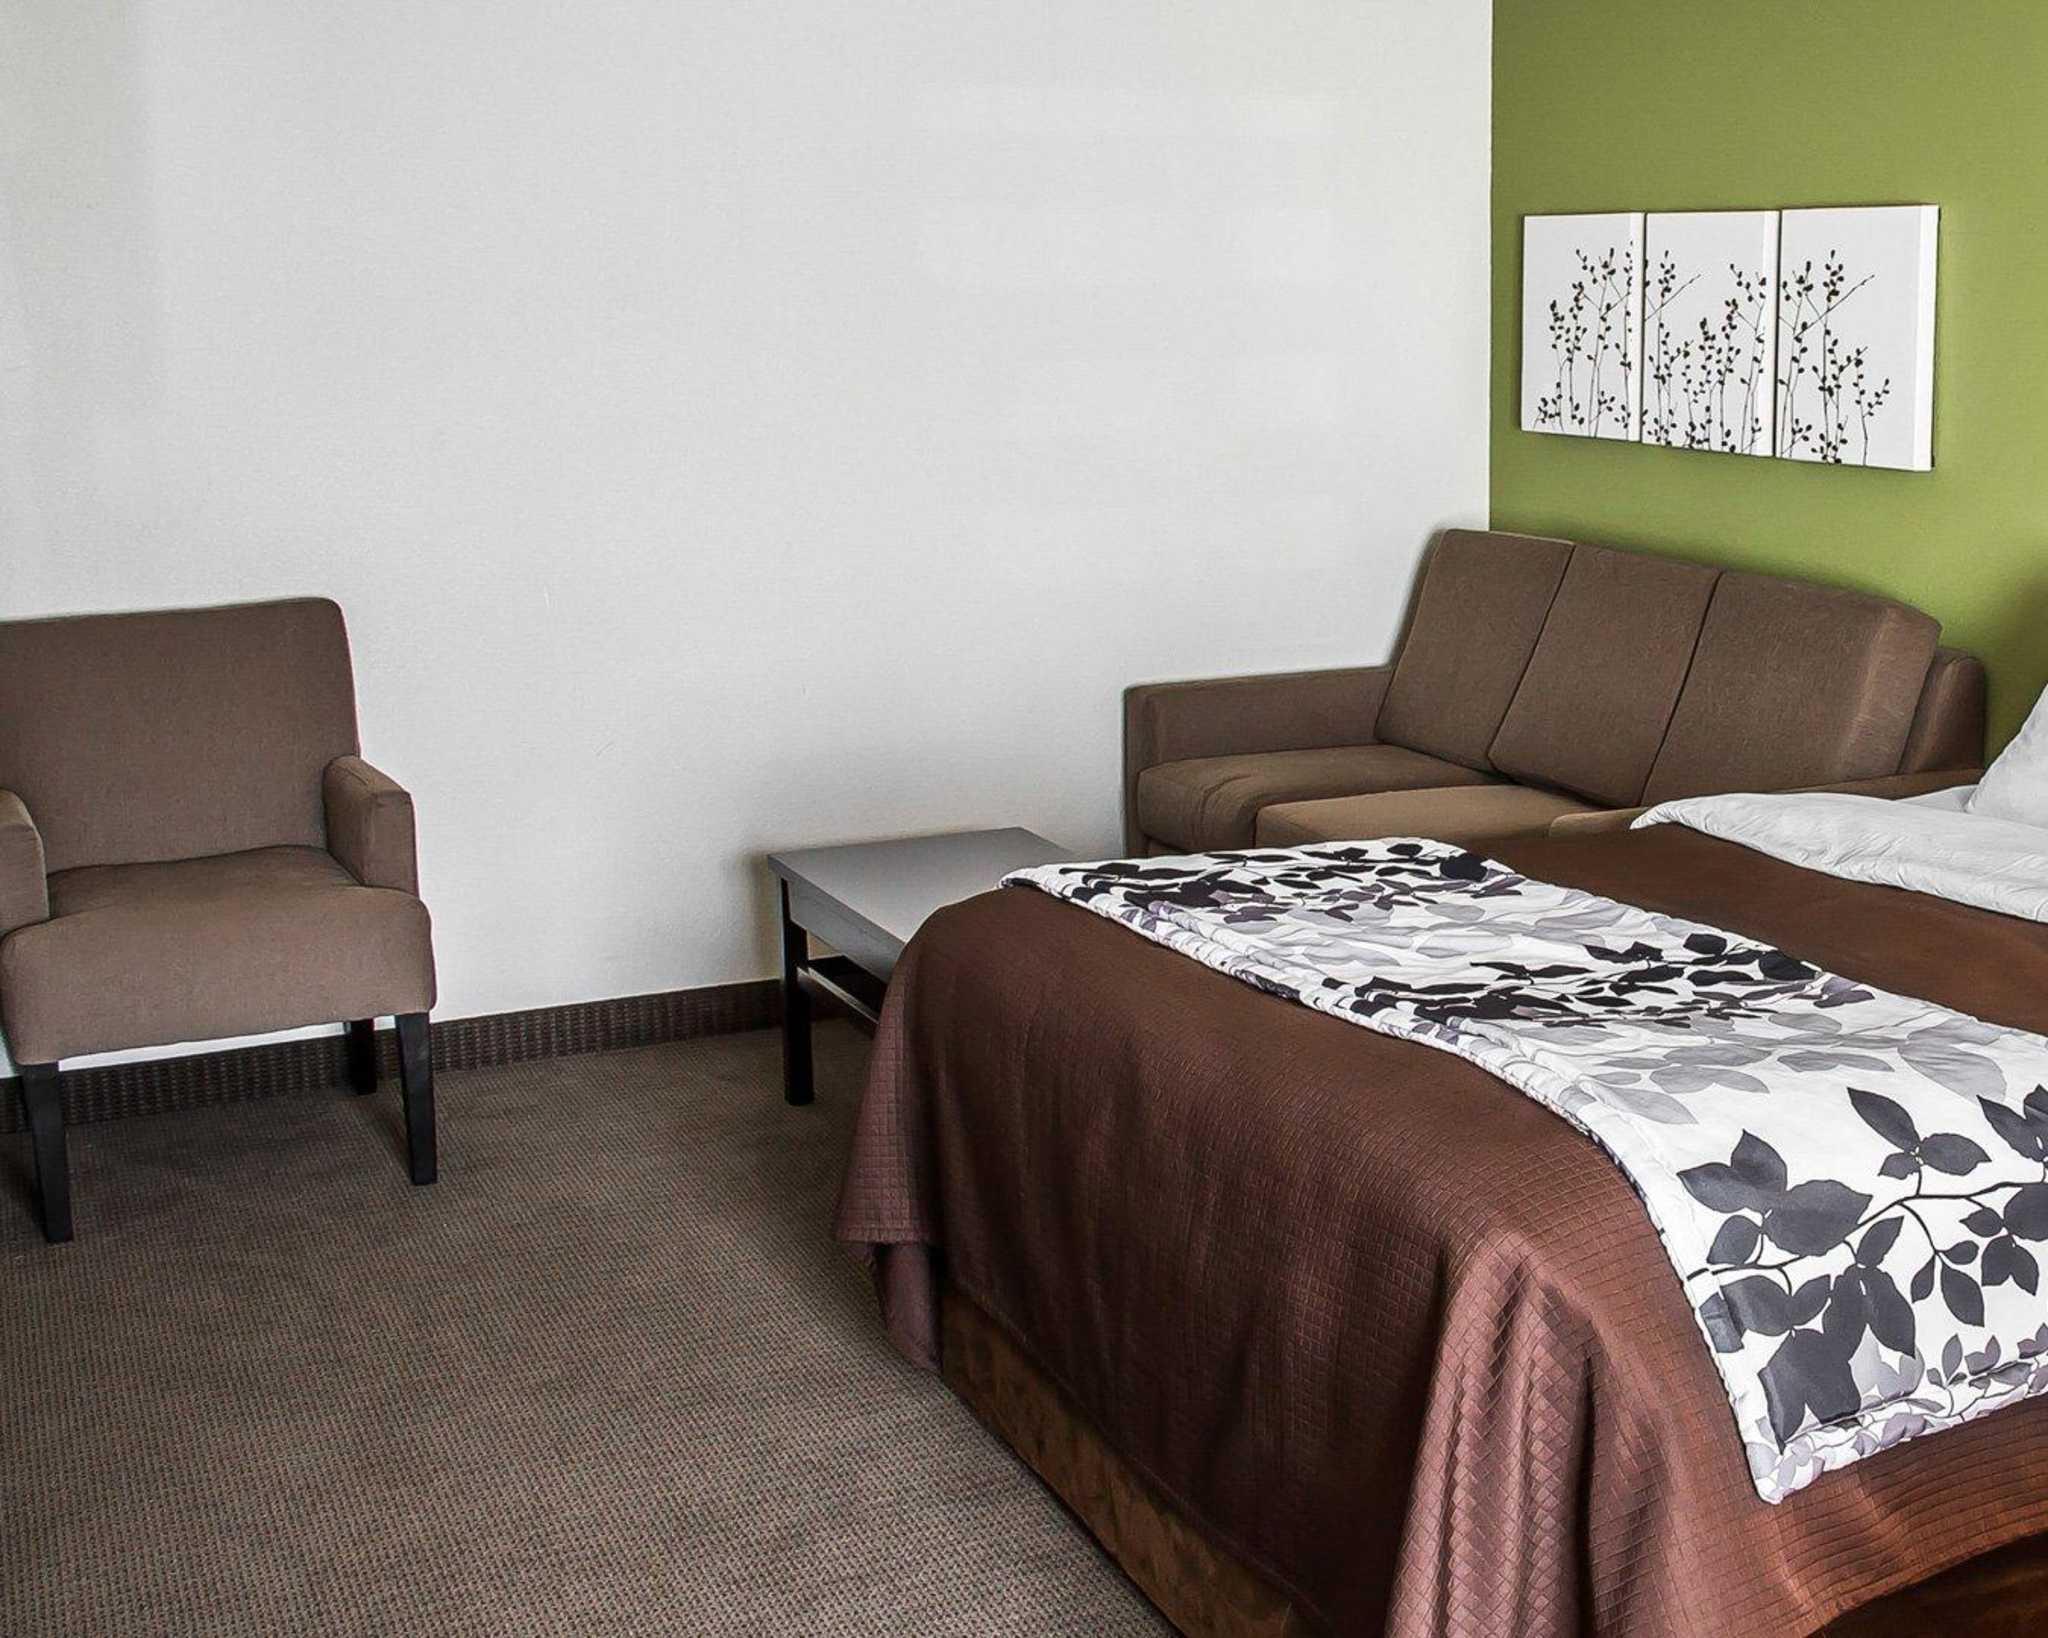 Sleep Inn & Suites image 28